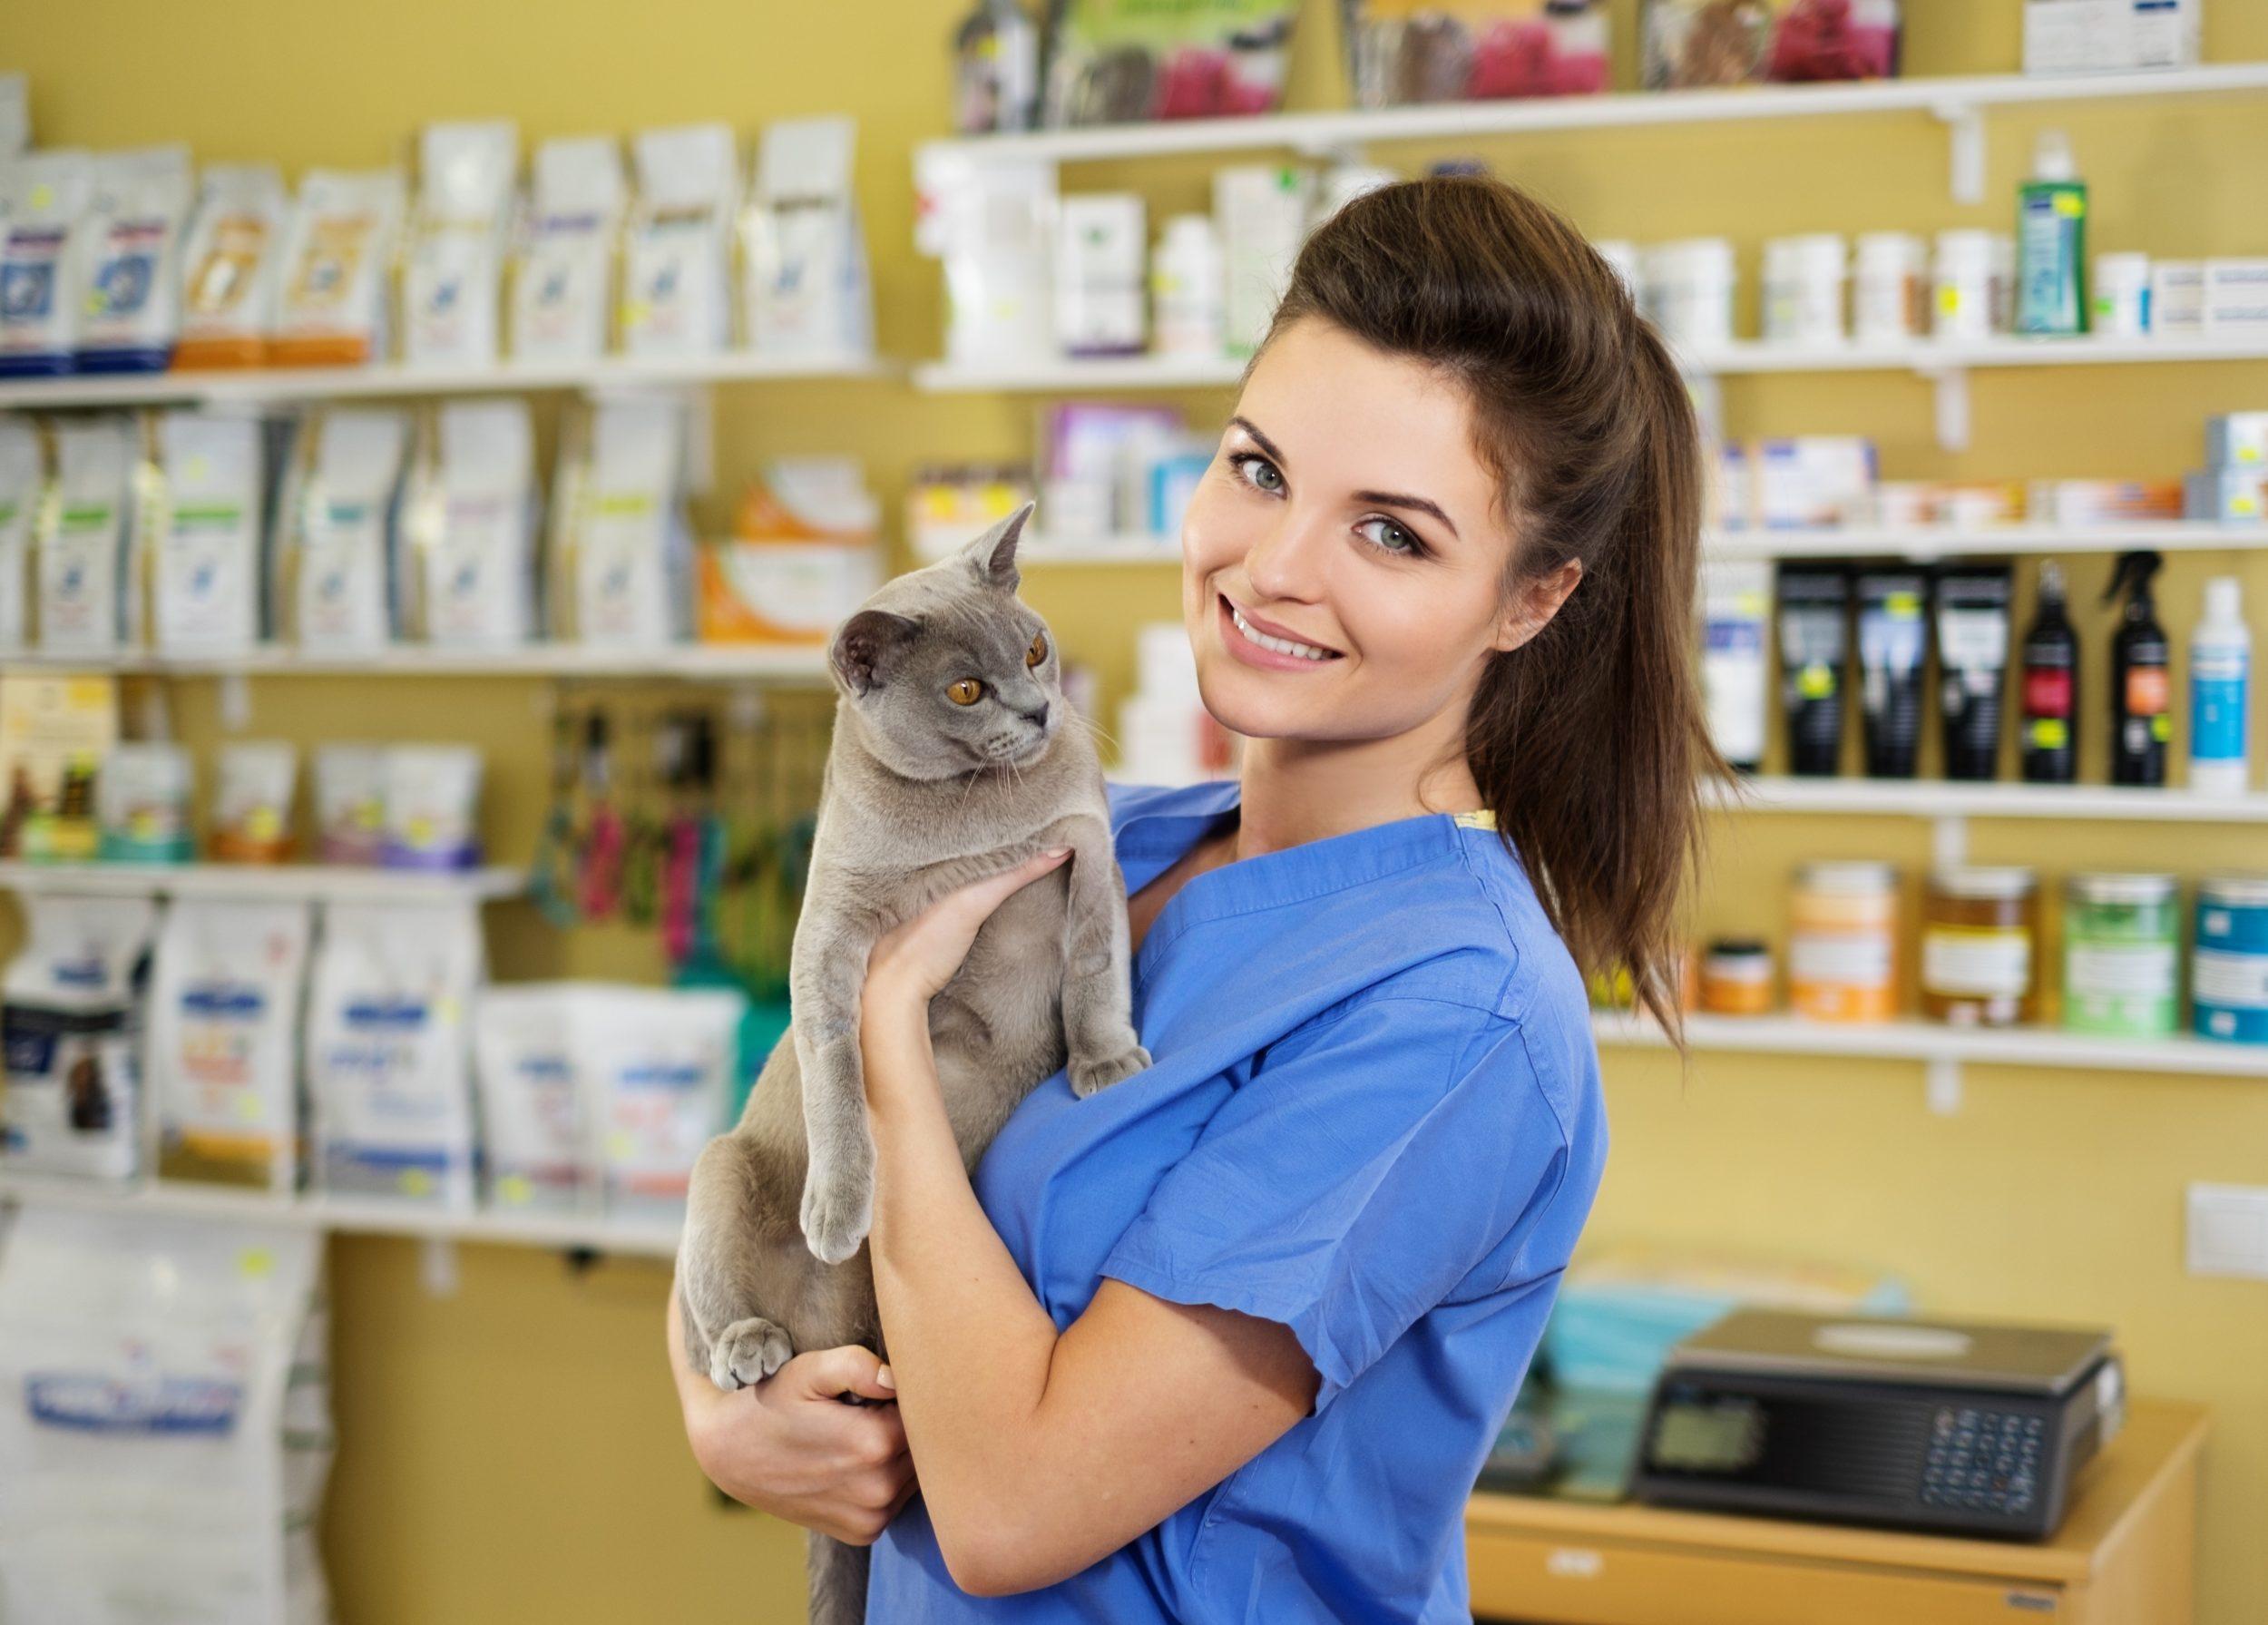 Pour les cliniques vétérinaires